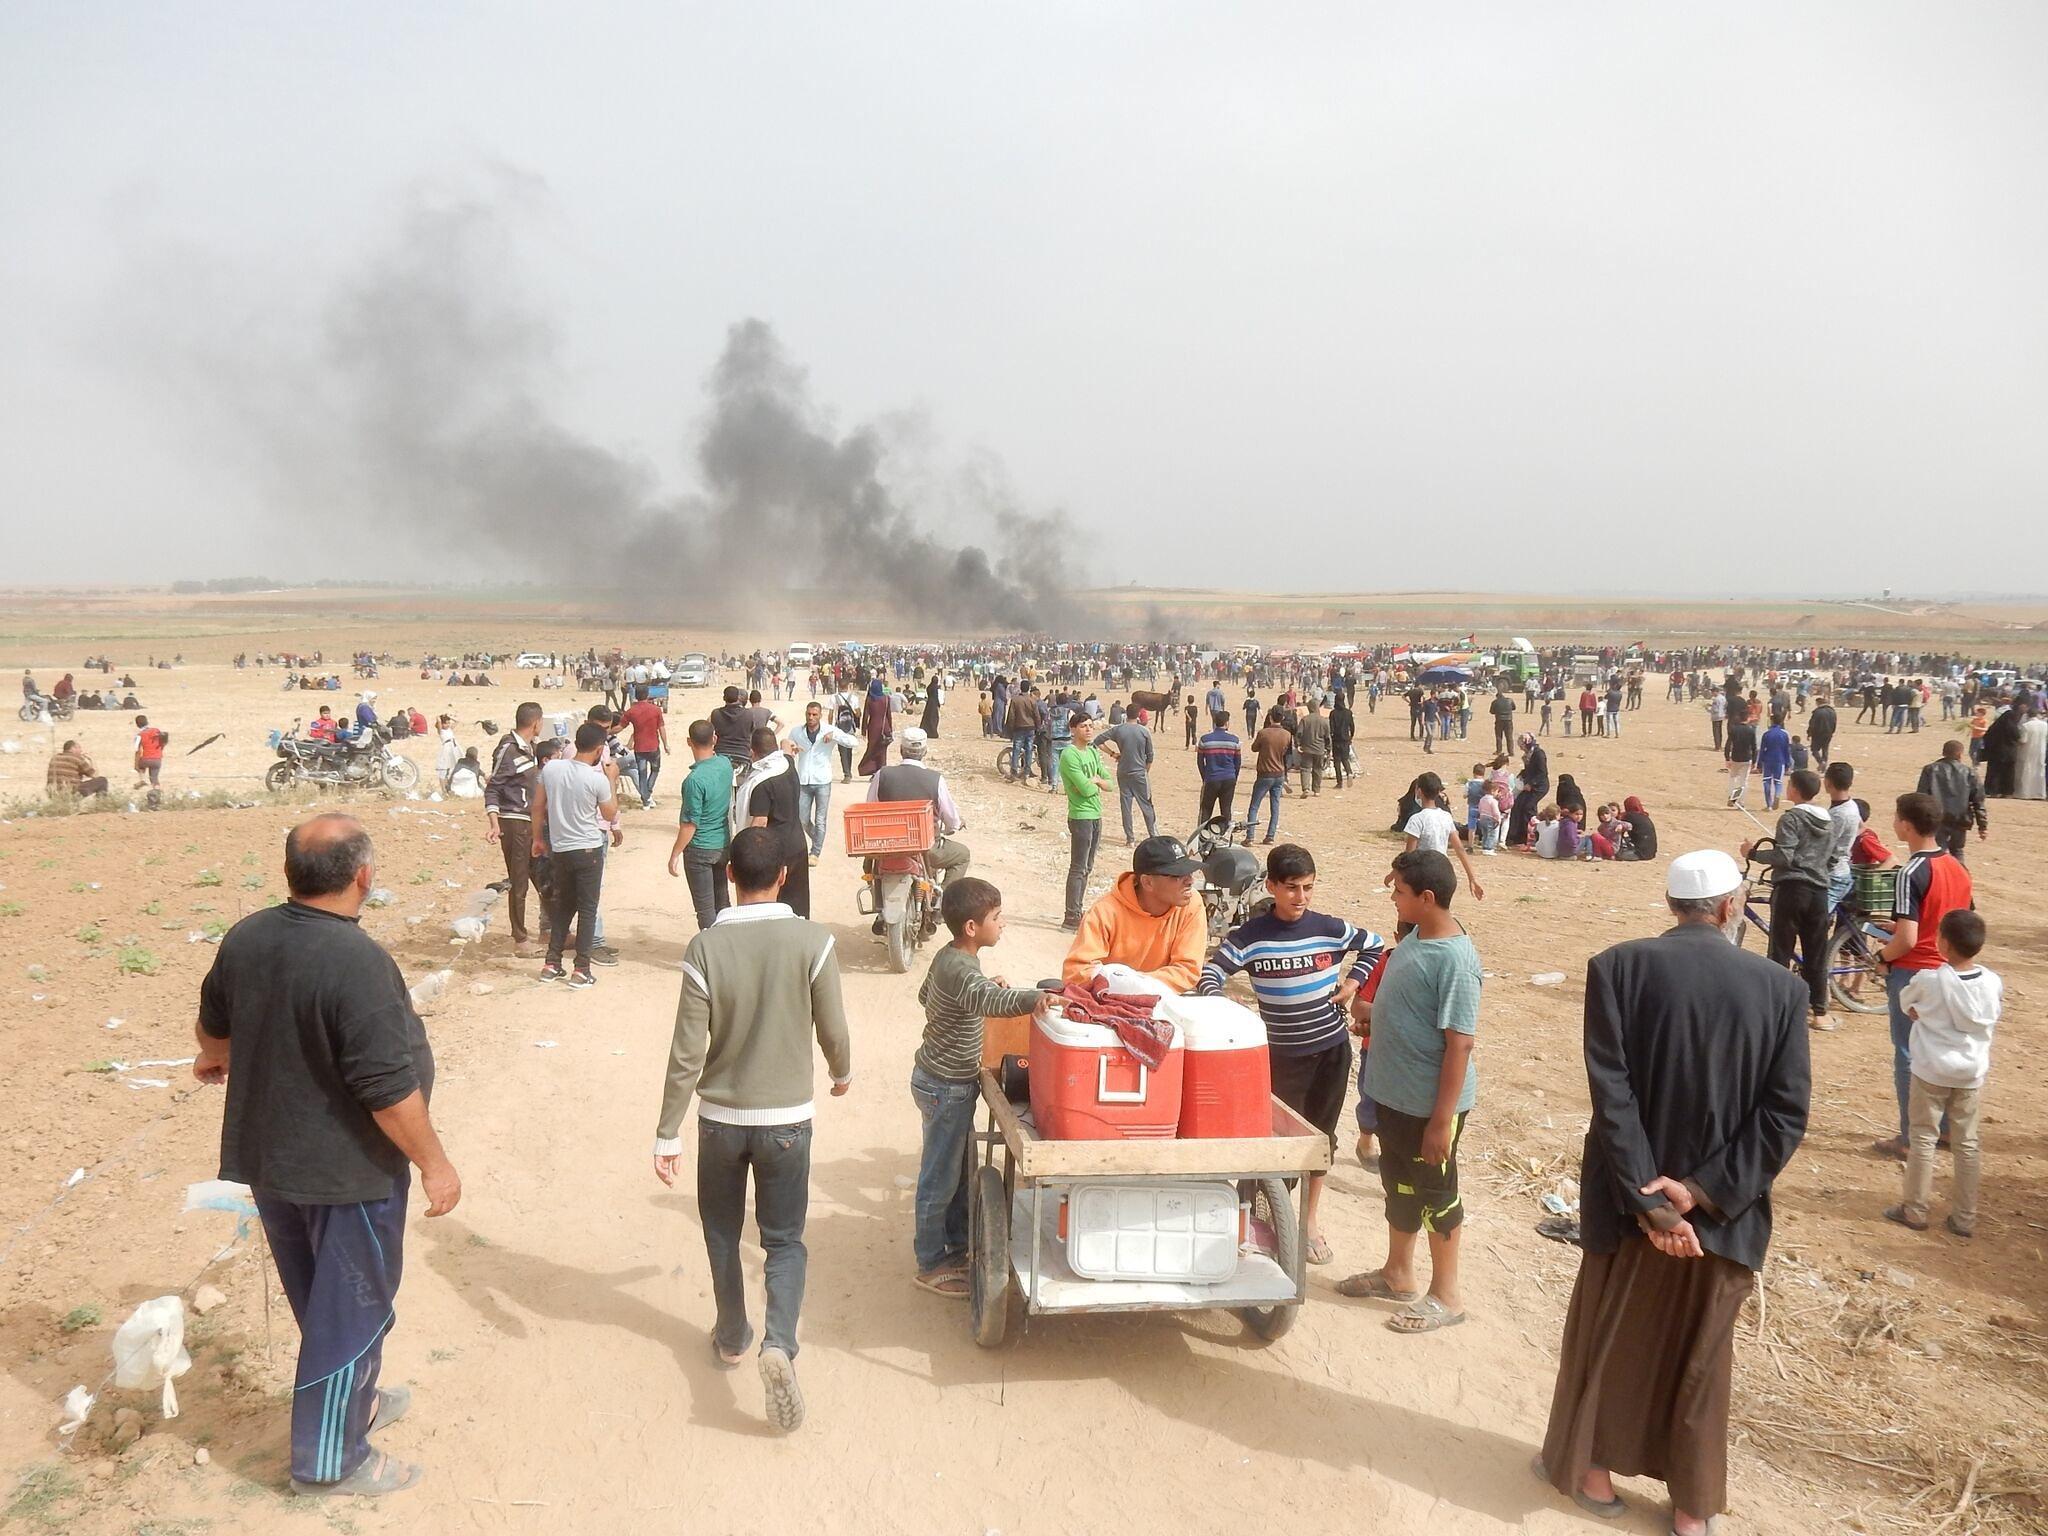 20180502_gaza_protest_photobog3.jpeg?ito